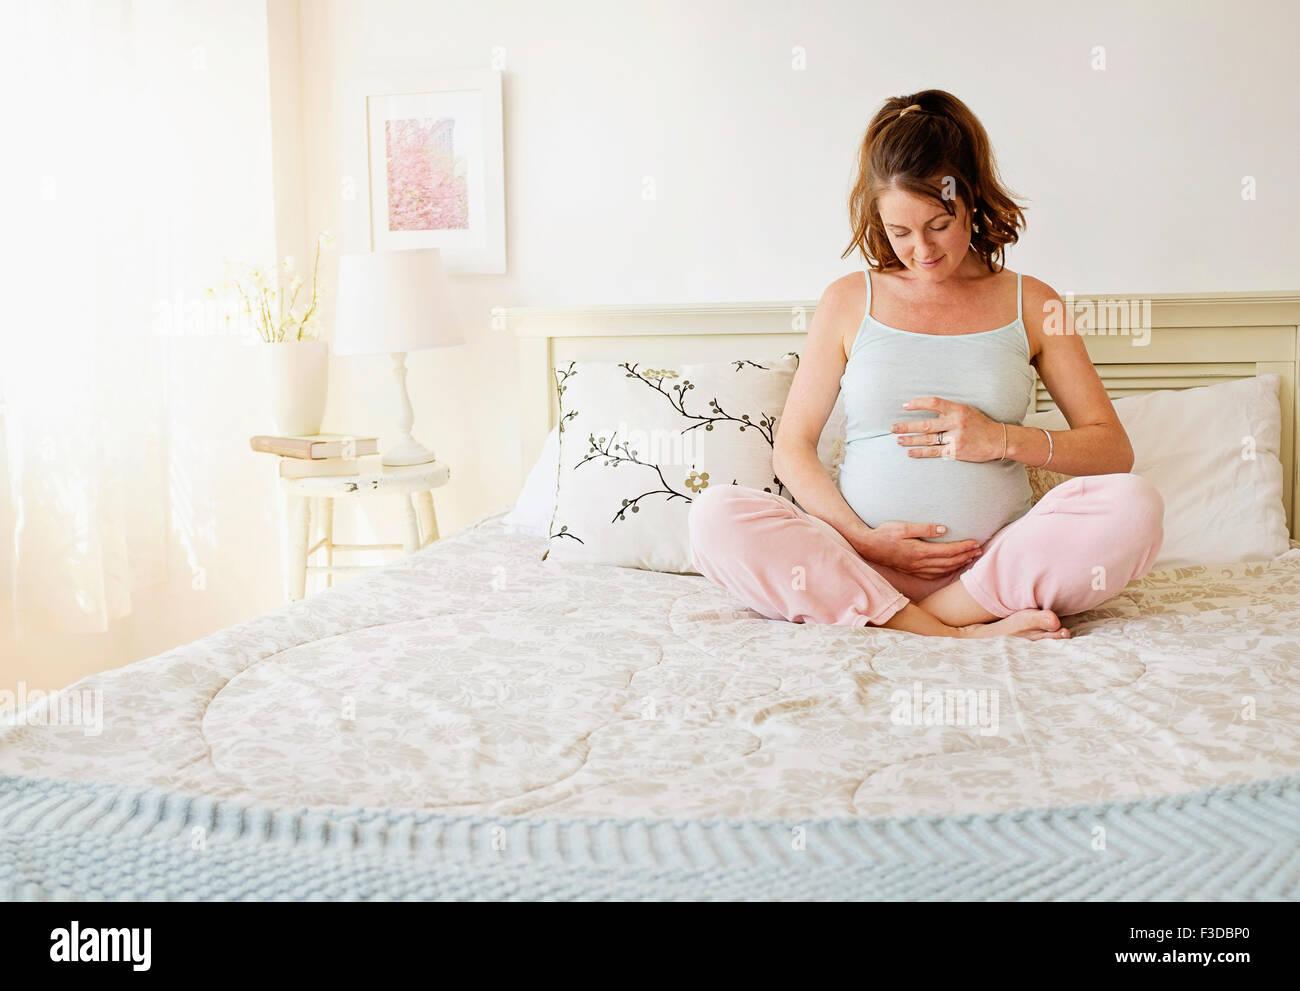 Sorridente donna incinta seduta sul letto Immagini Stock